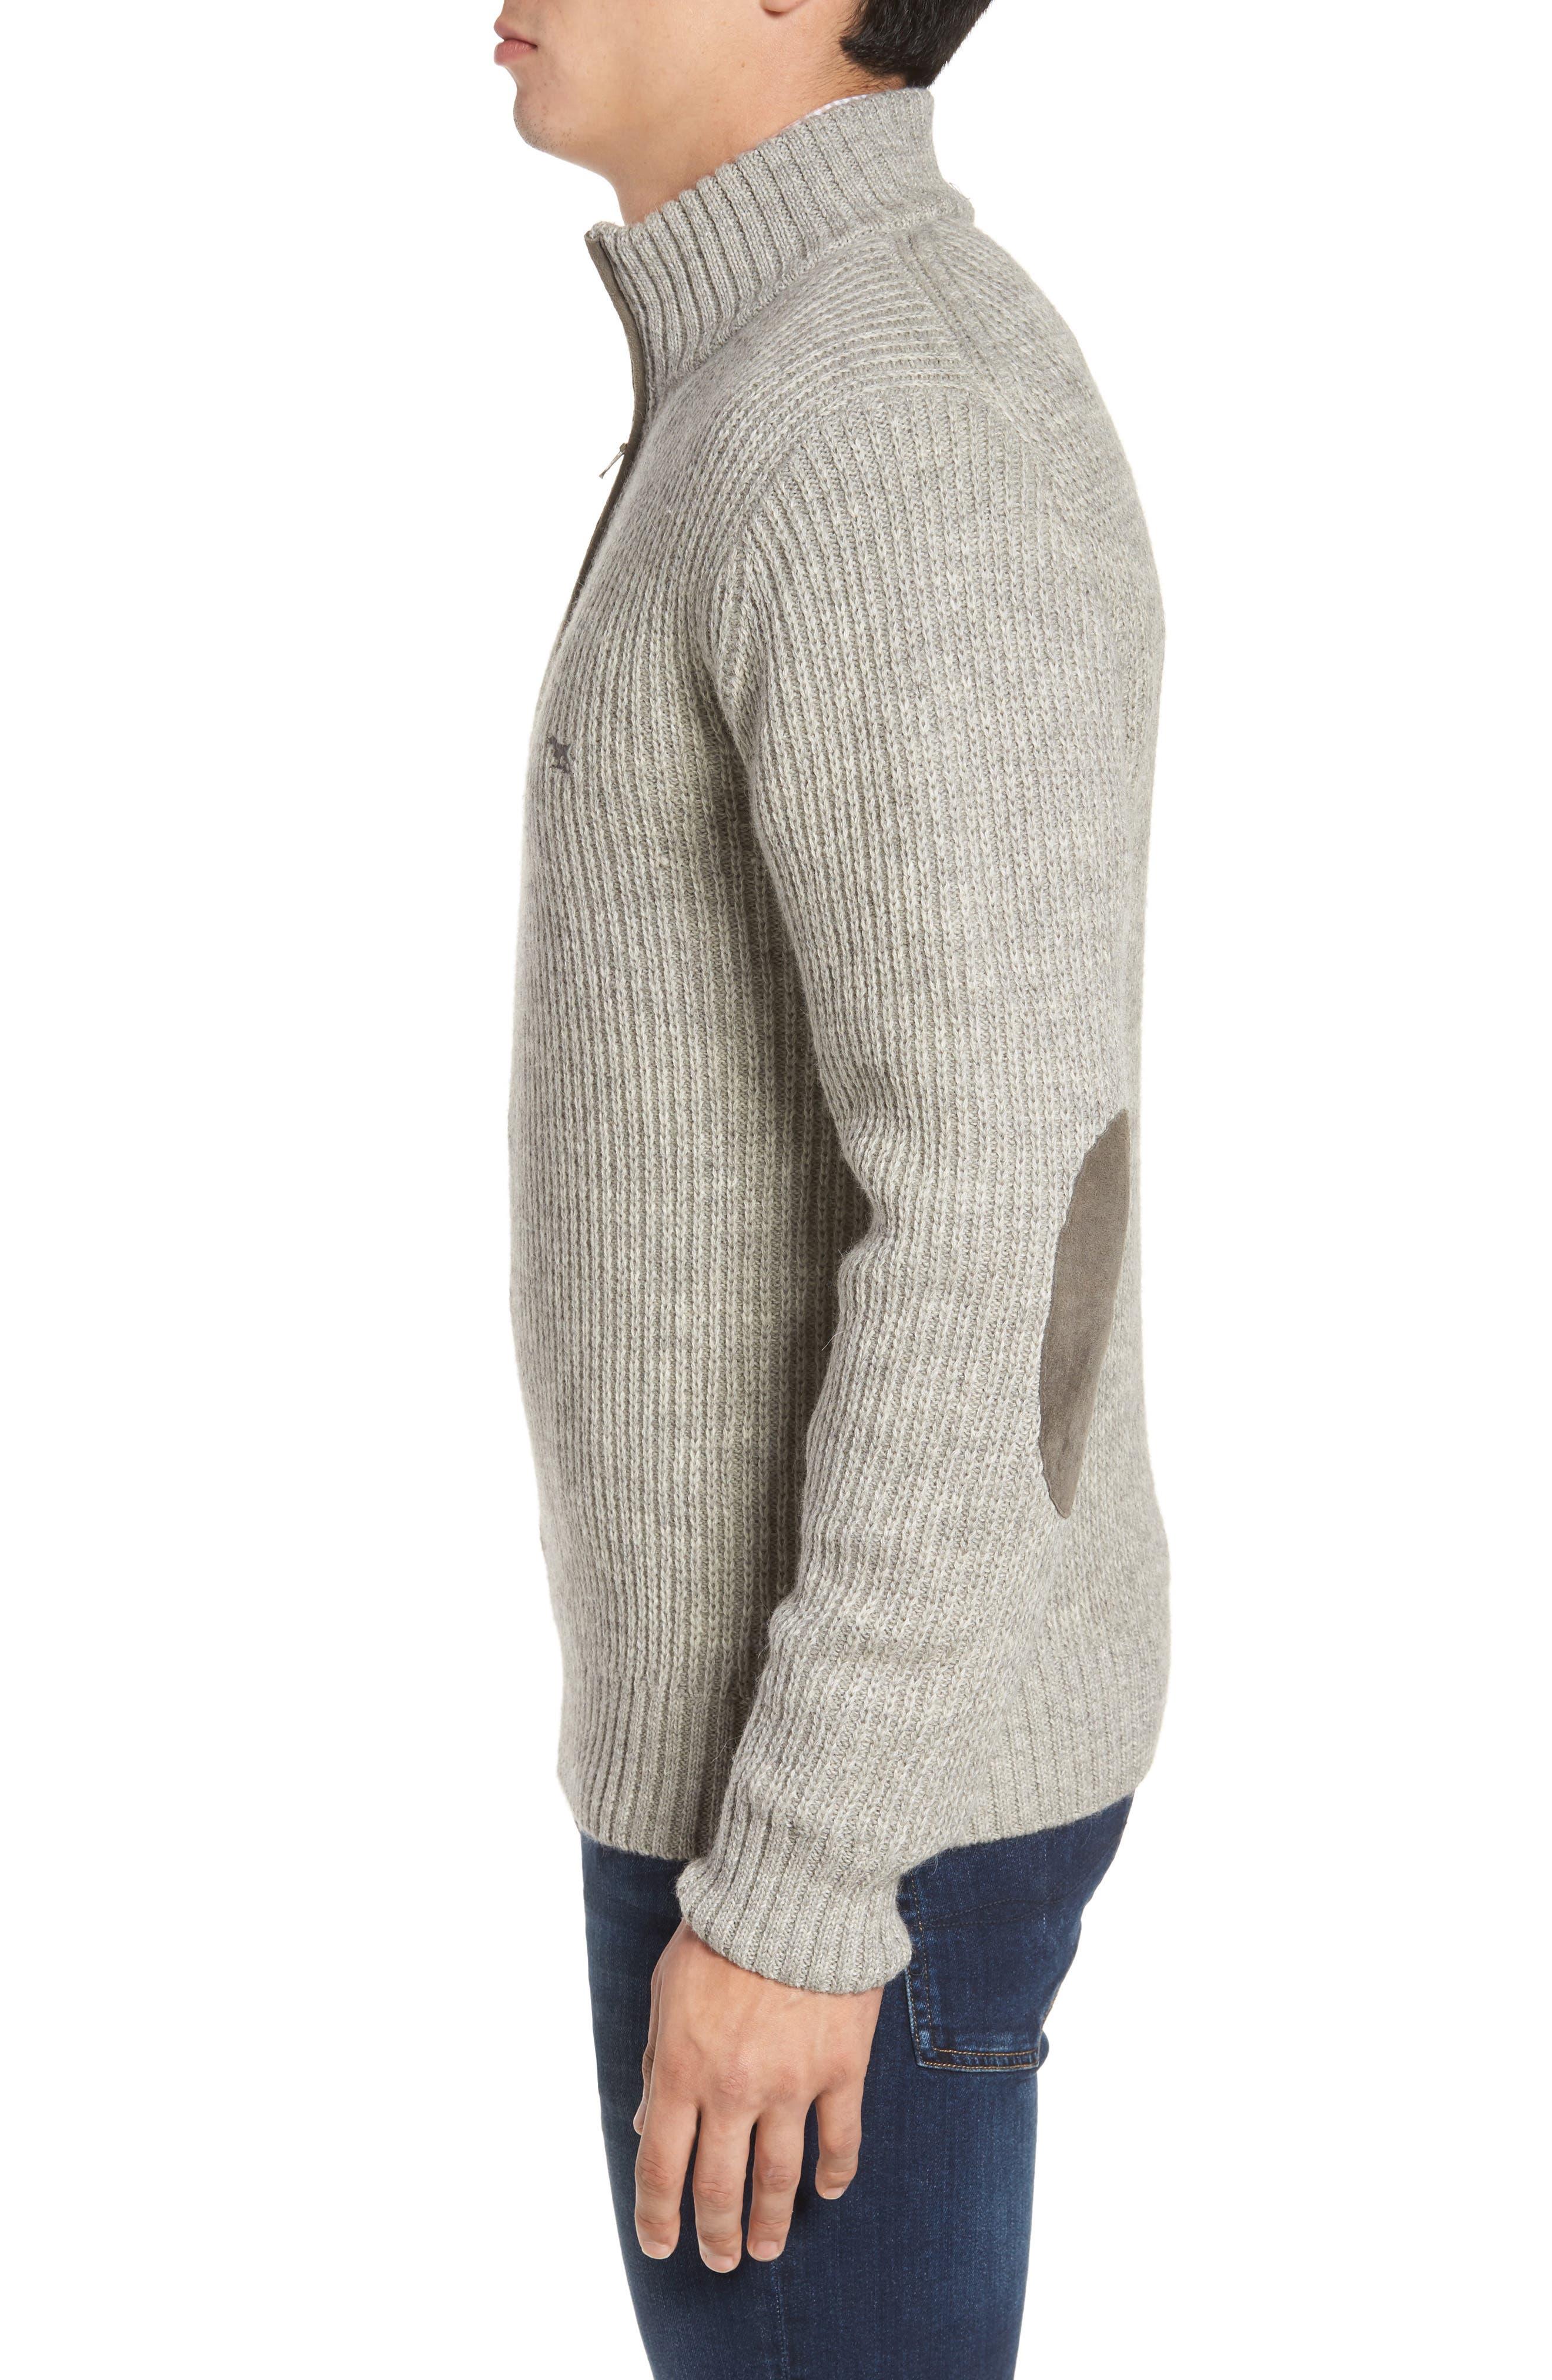 Alternate Image 3  - Rodd & Gunn 'Huka Lodge' Merino Wool Blend Quarter Zip Sweater